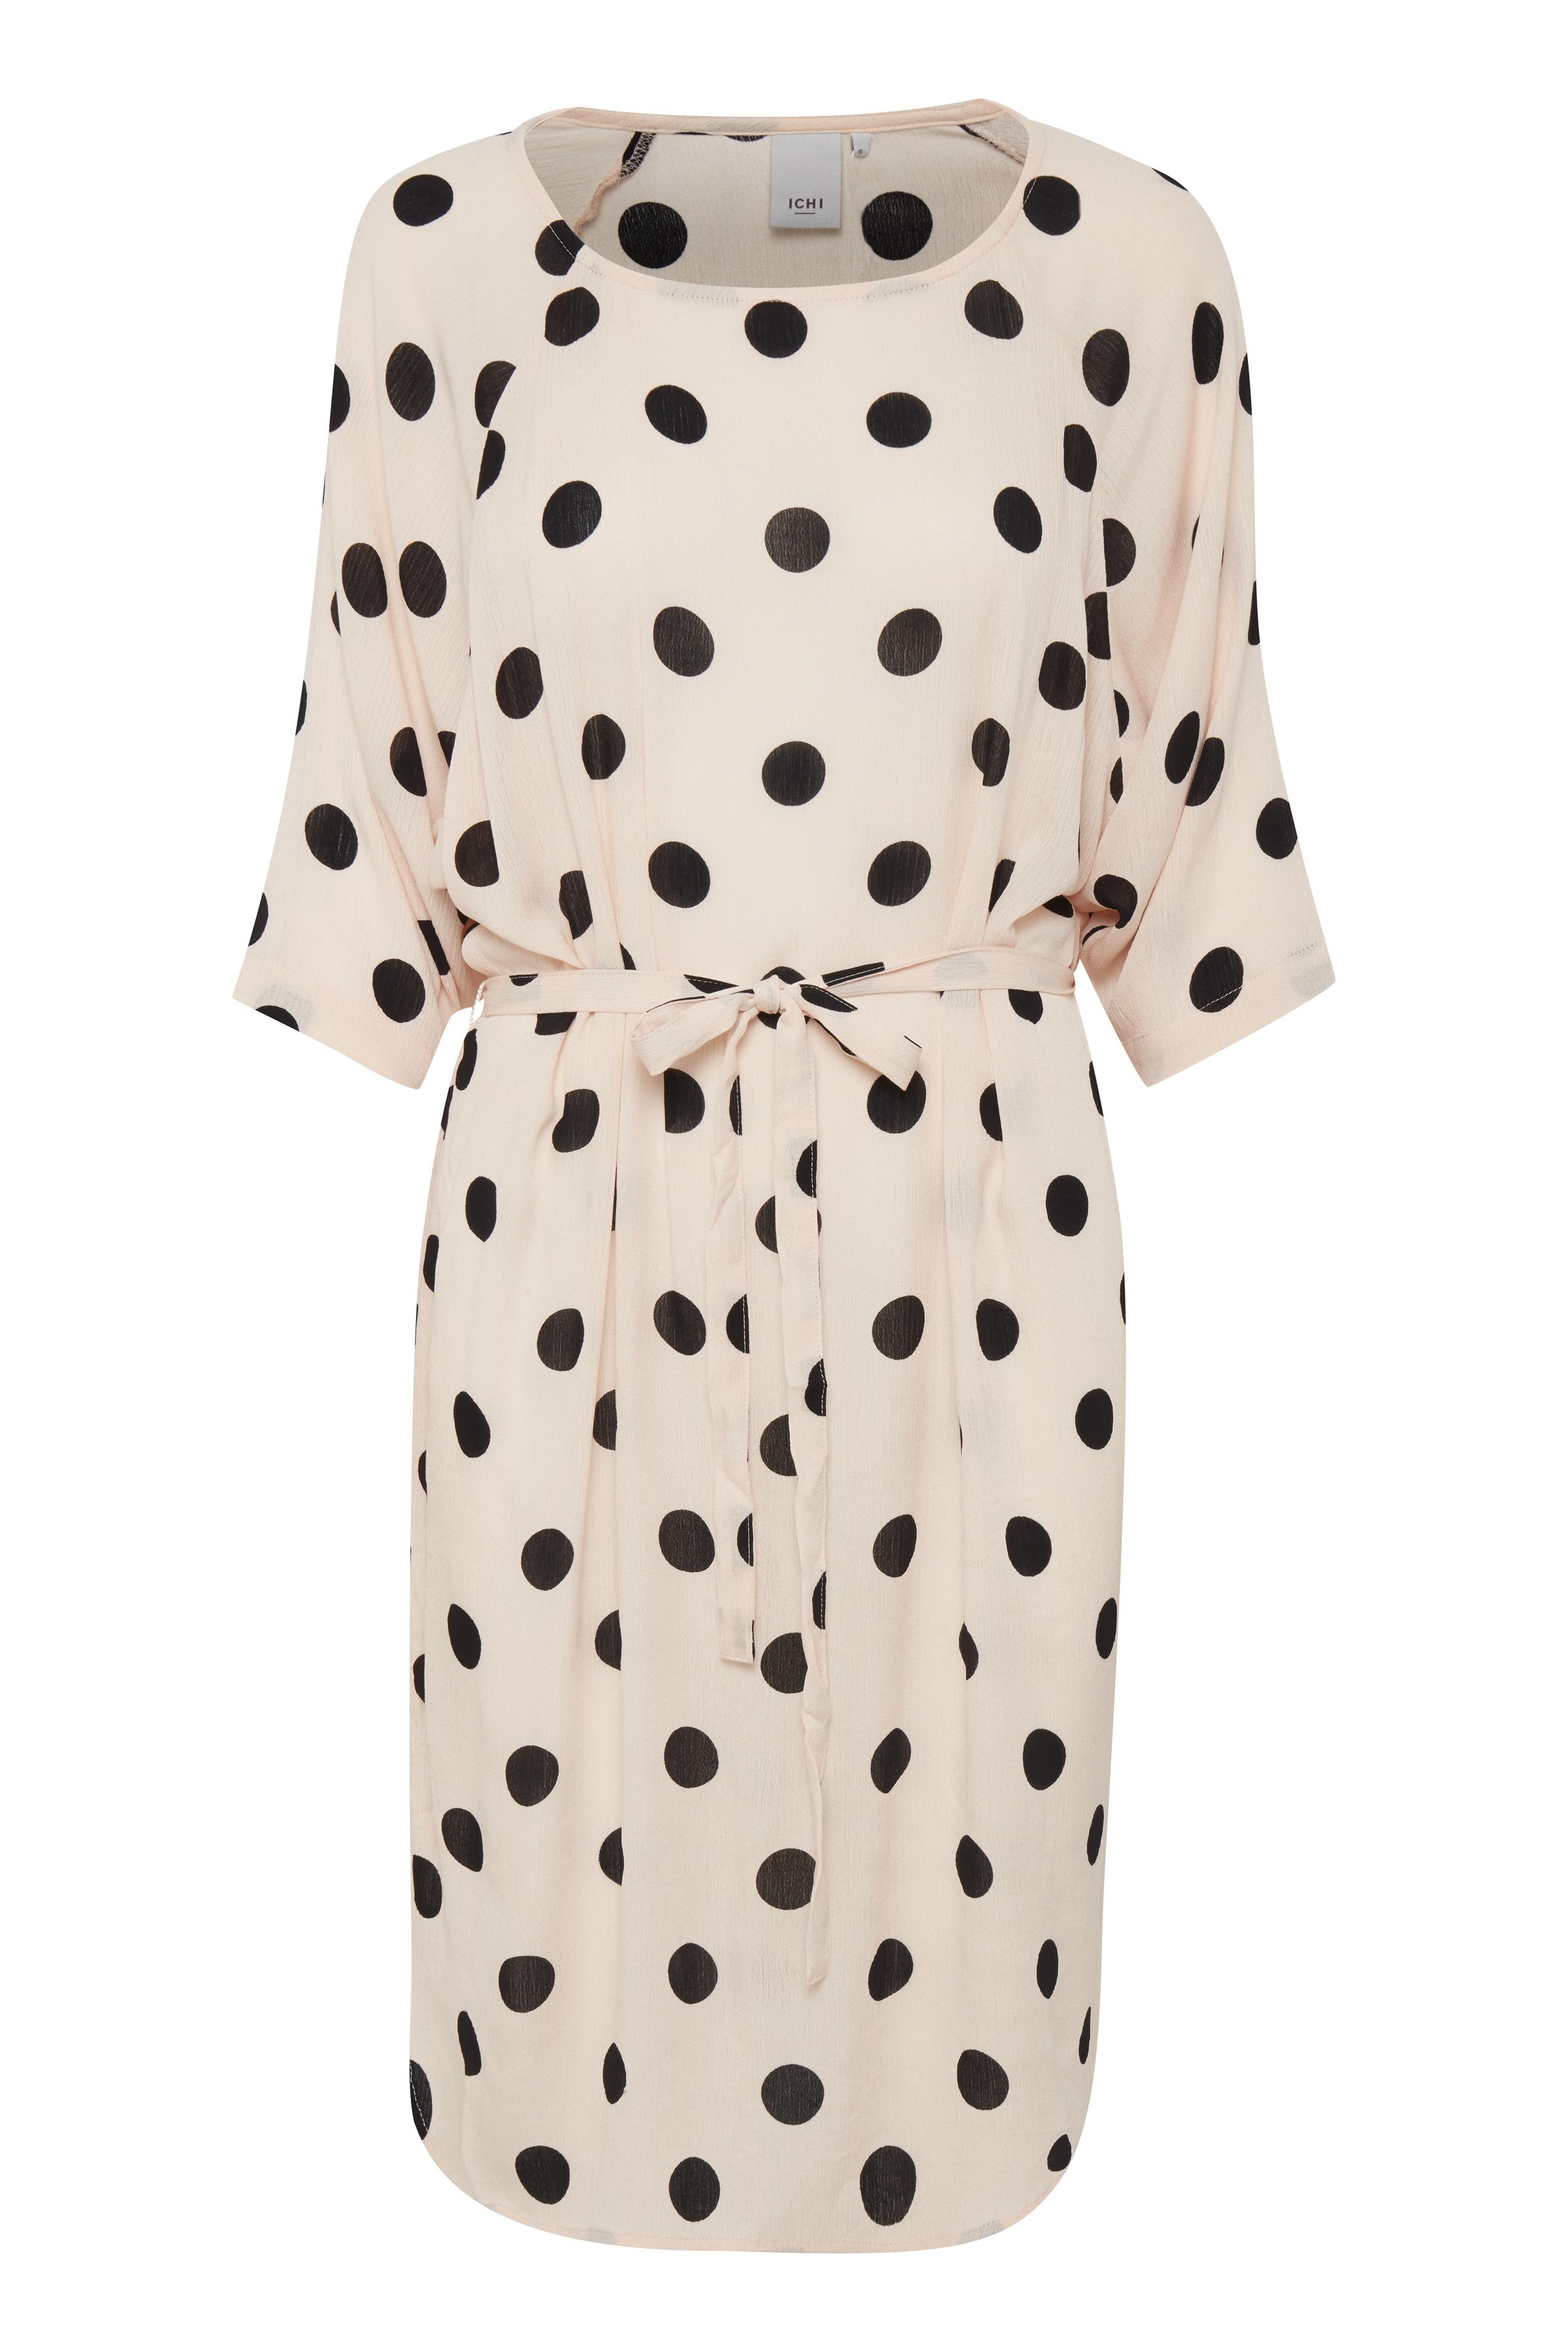 Bisque Dress fra Ichi – Køb Bisque Dress fra str. XS-XL her